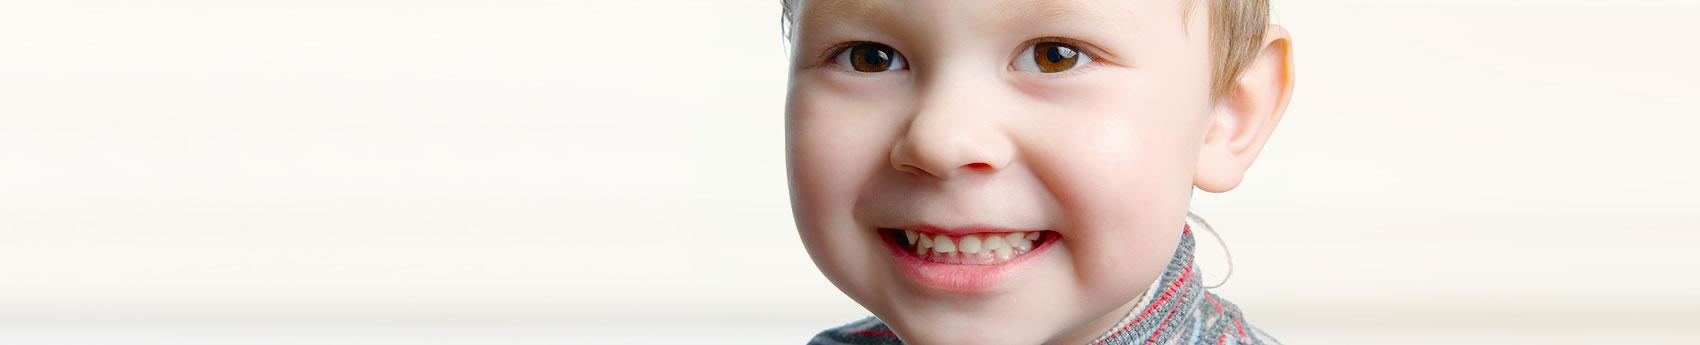 Curso de Lesões Bucais na Infância